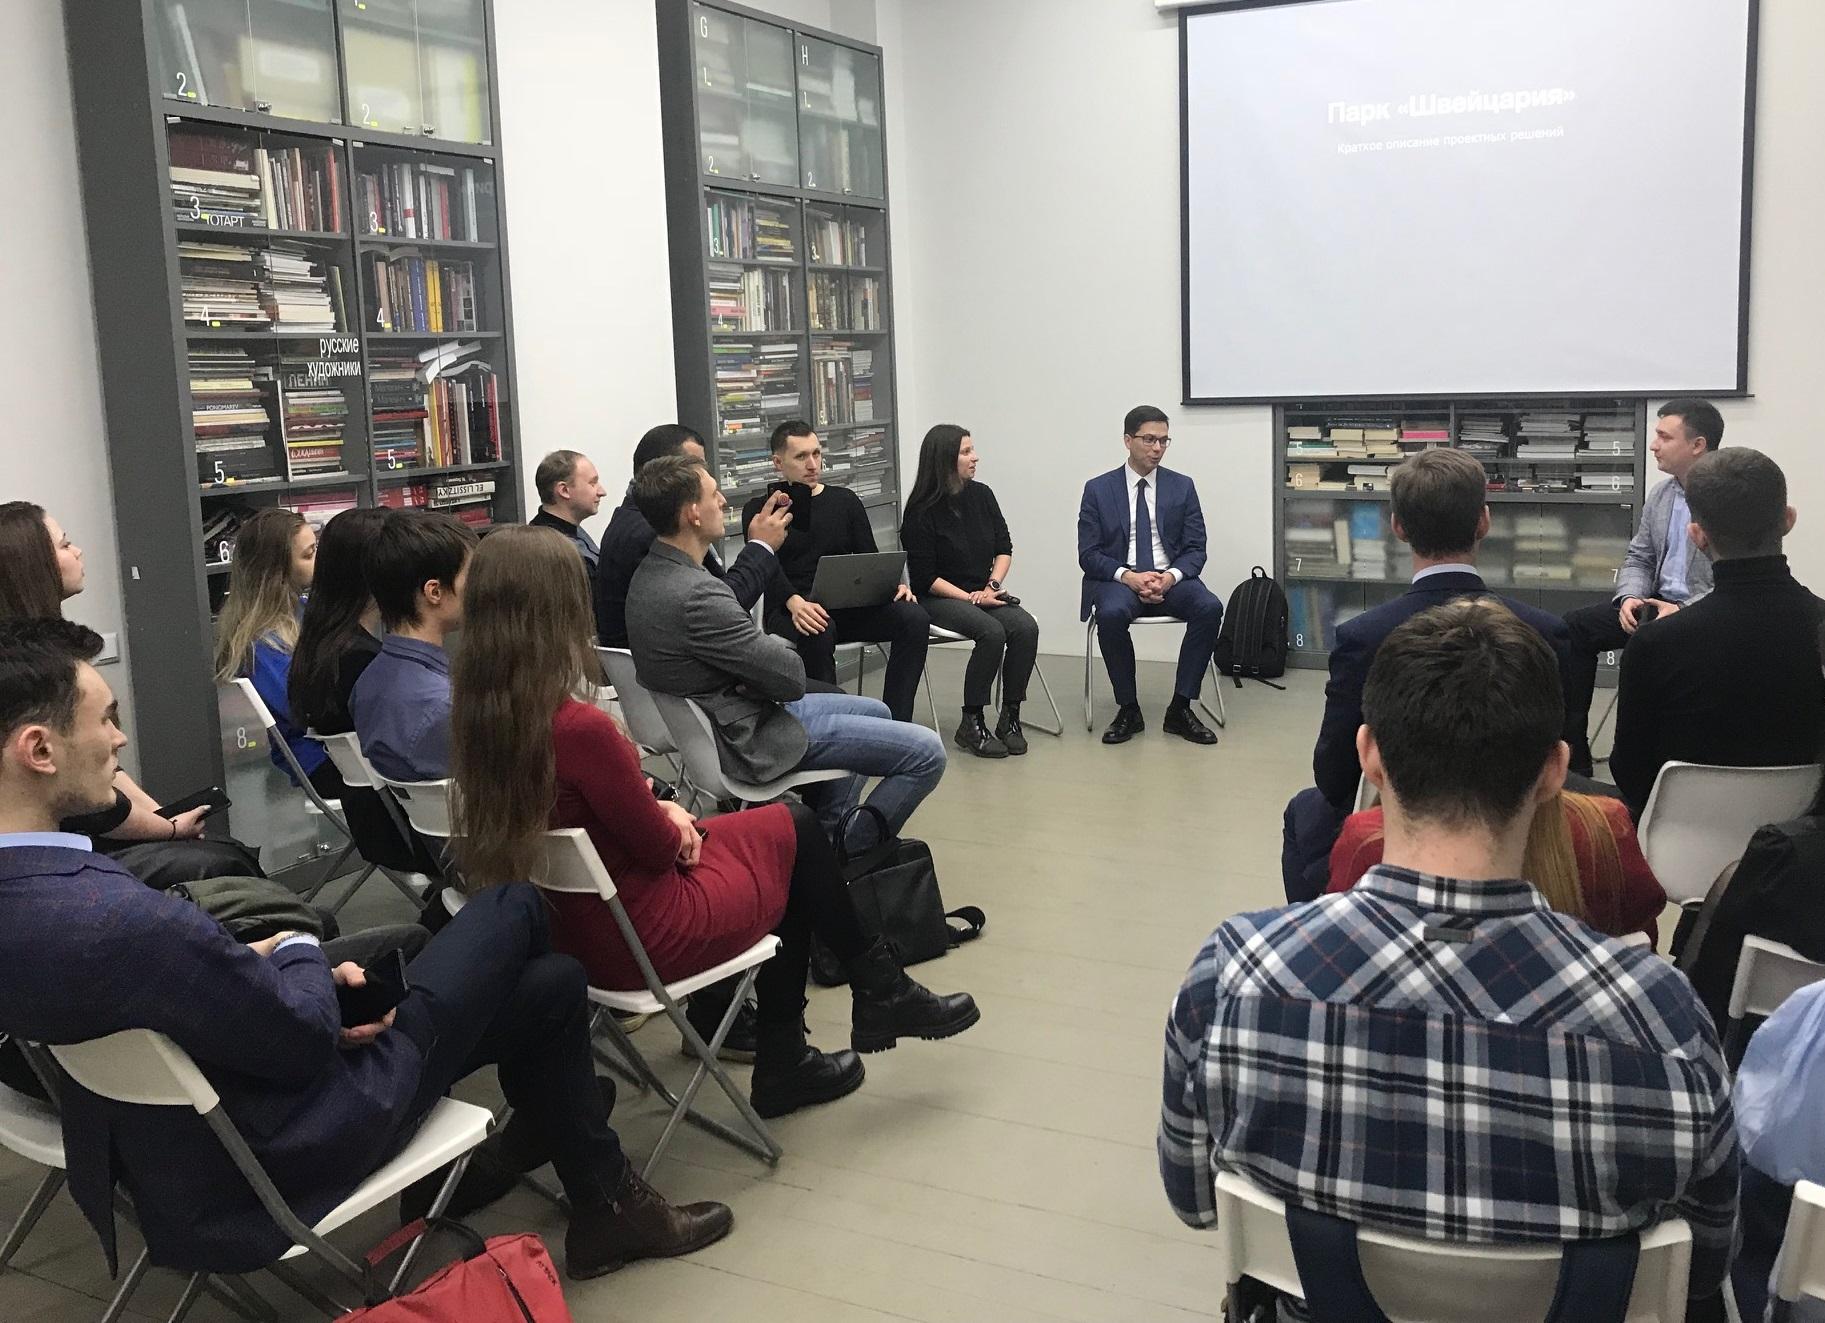 Нижегородские студенты подготовят предложения по развитию парка «Швейцария»